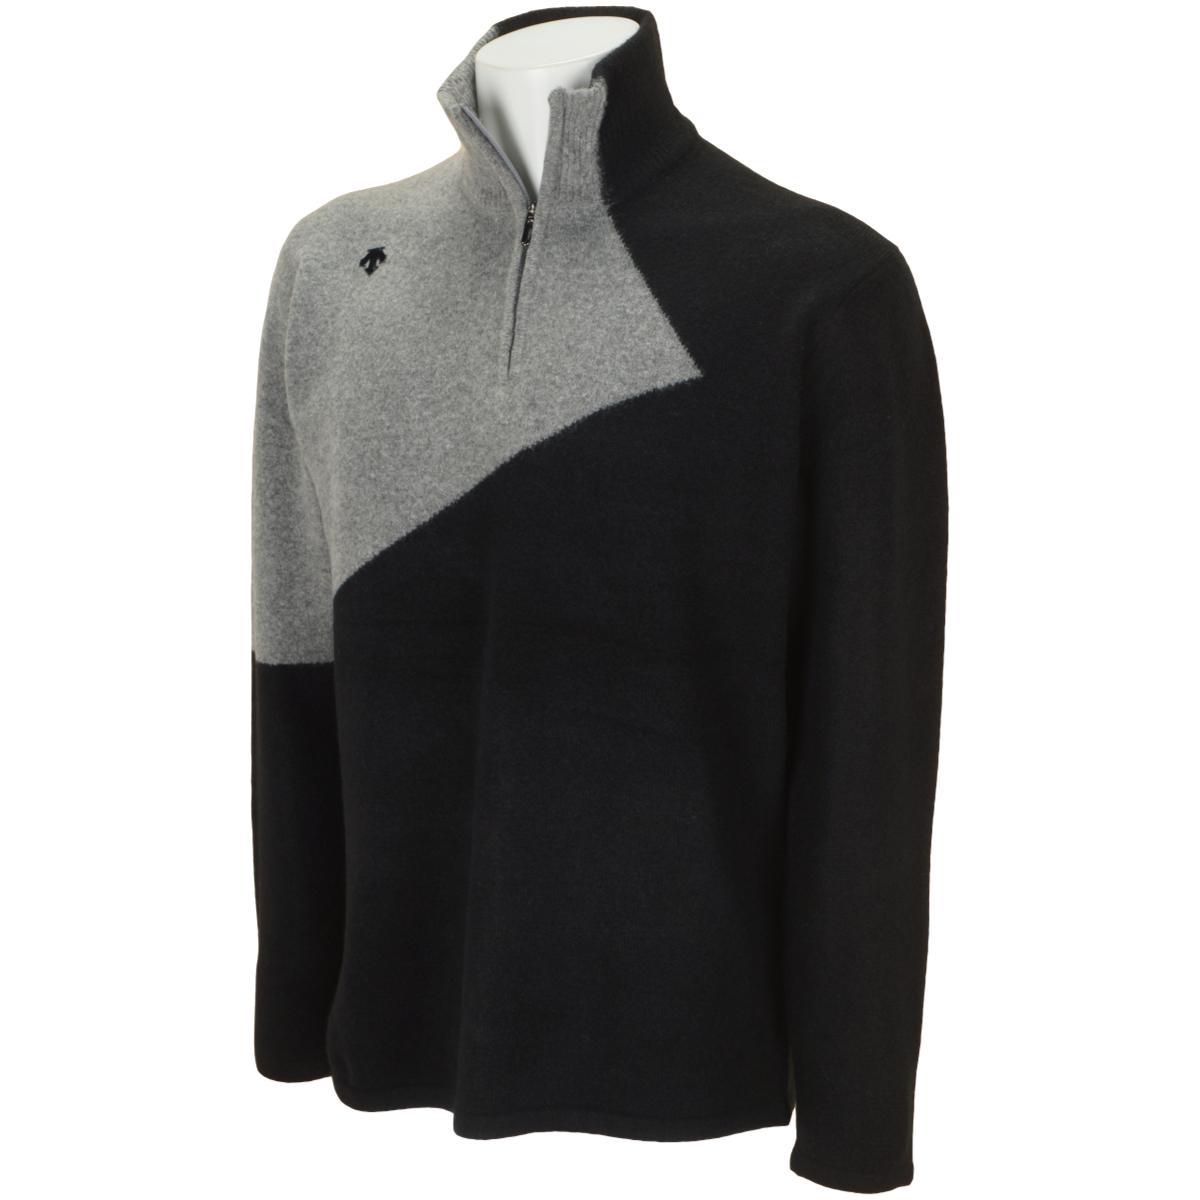 紡毛ジャカードライジング切り替えジップアップセーター